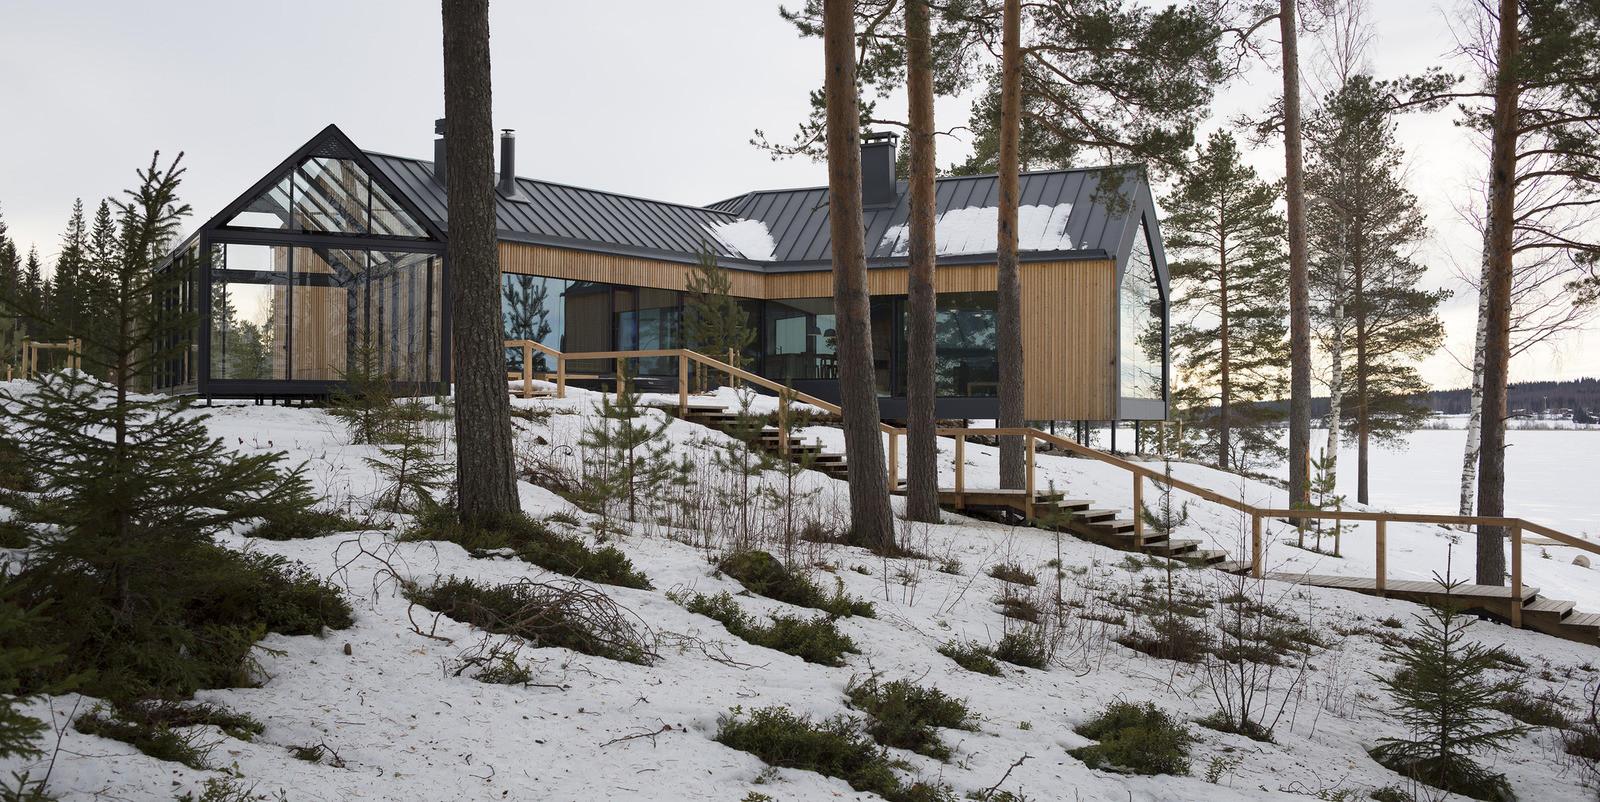 дом в скандинавском стиле в лесу